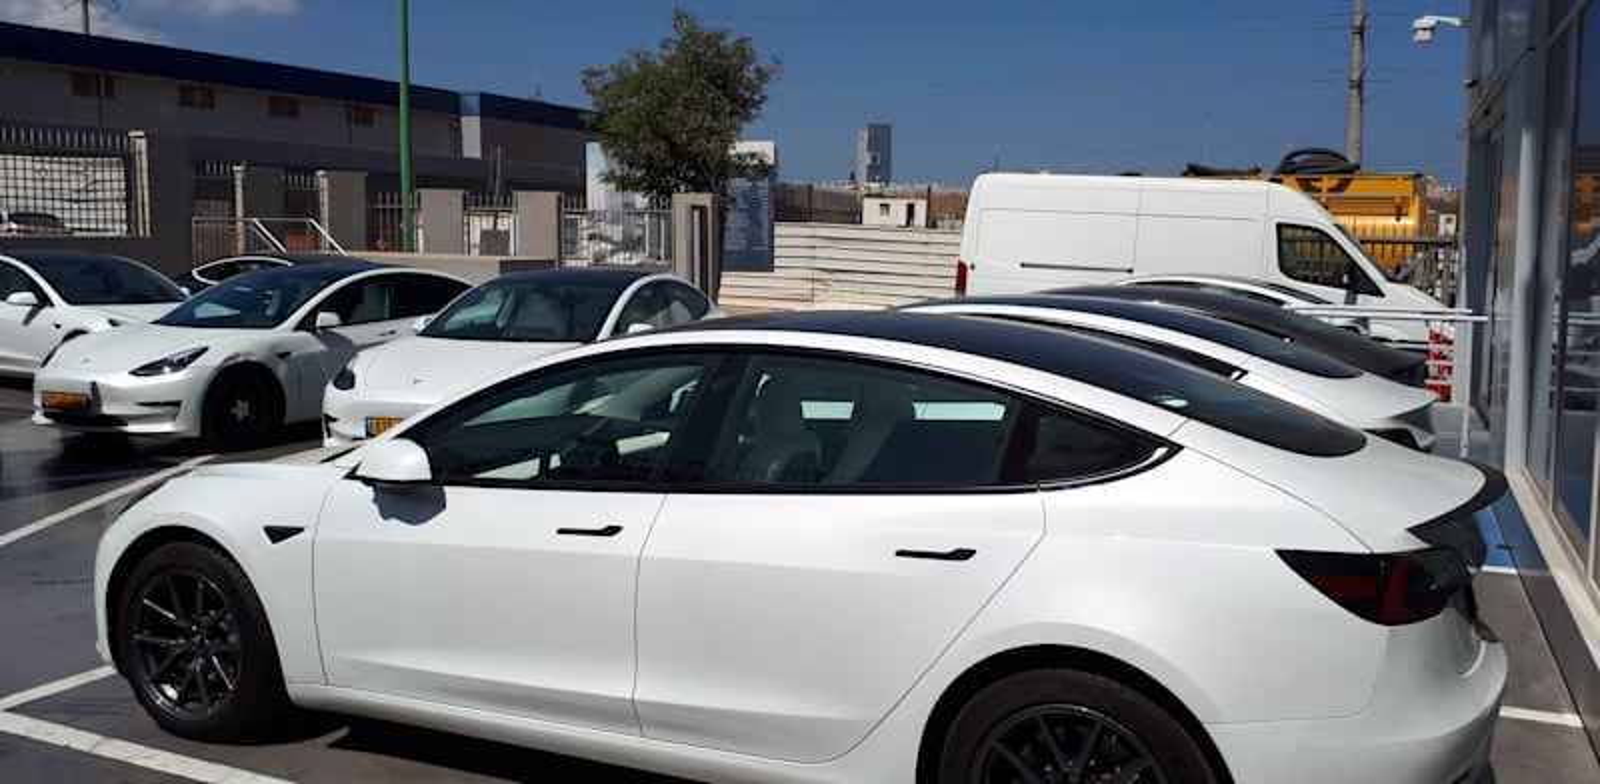 עומס של מכוניות טסלה במוסך של טסלה בפתח תקווה / צילום: בר - אל